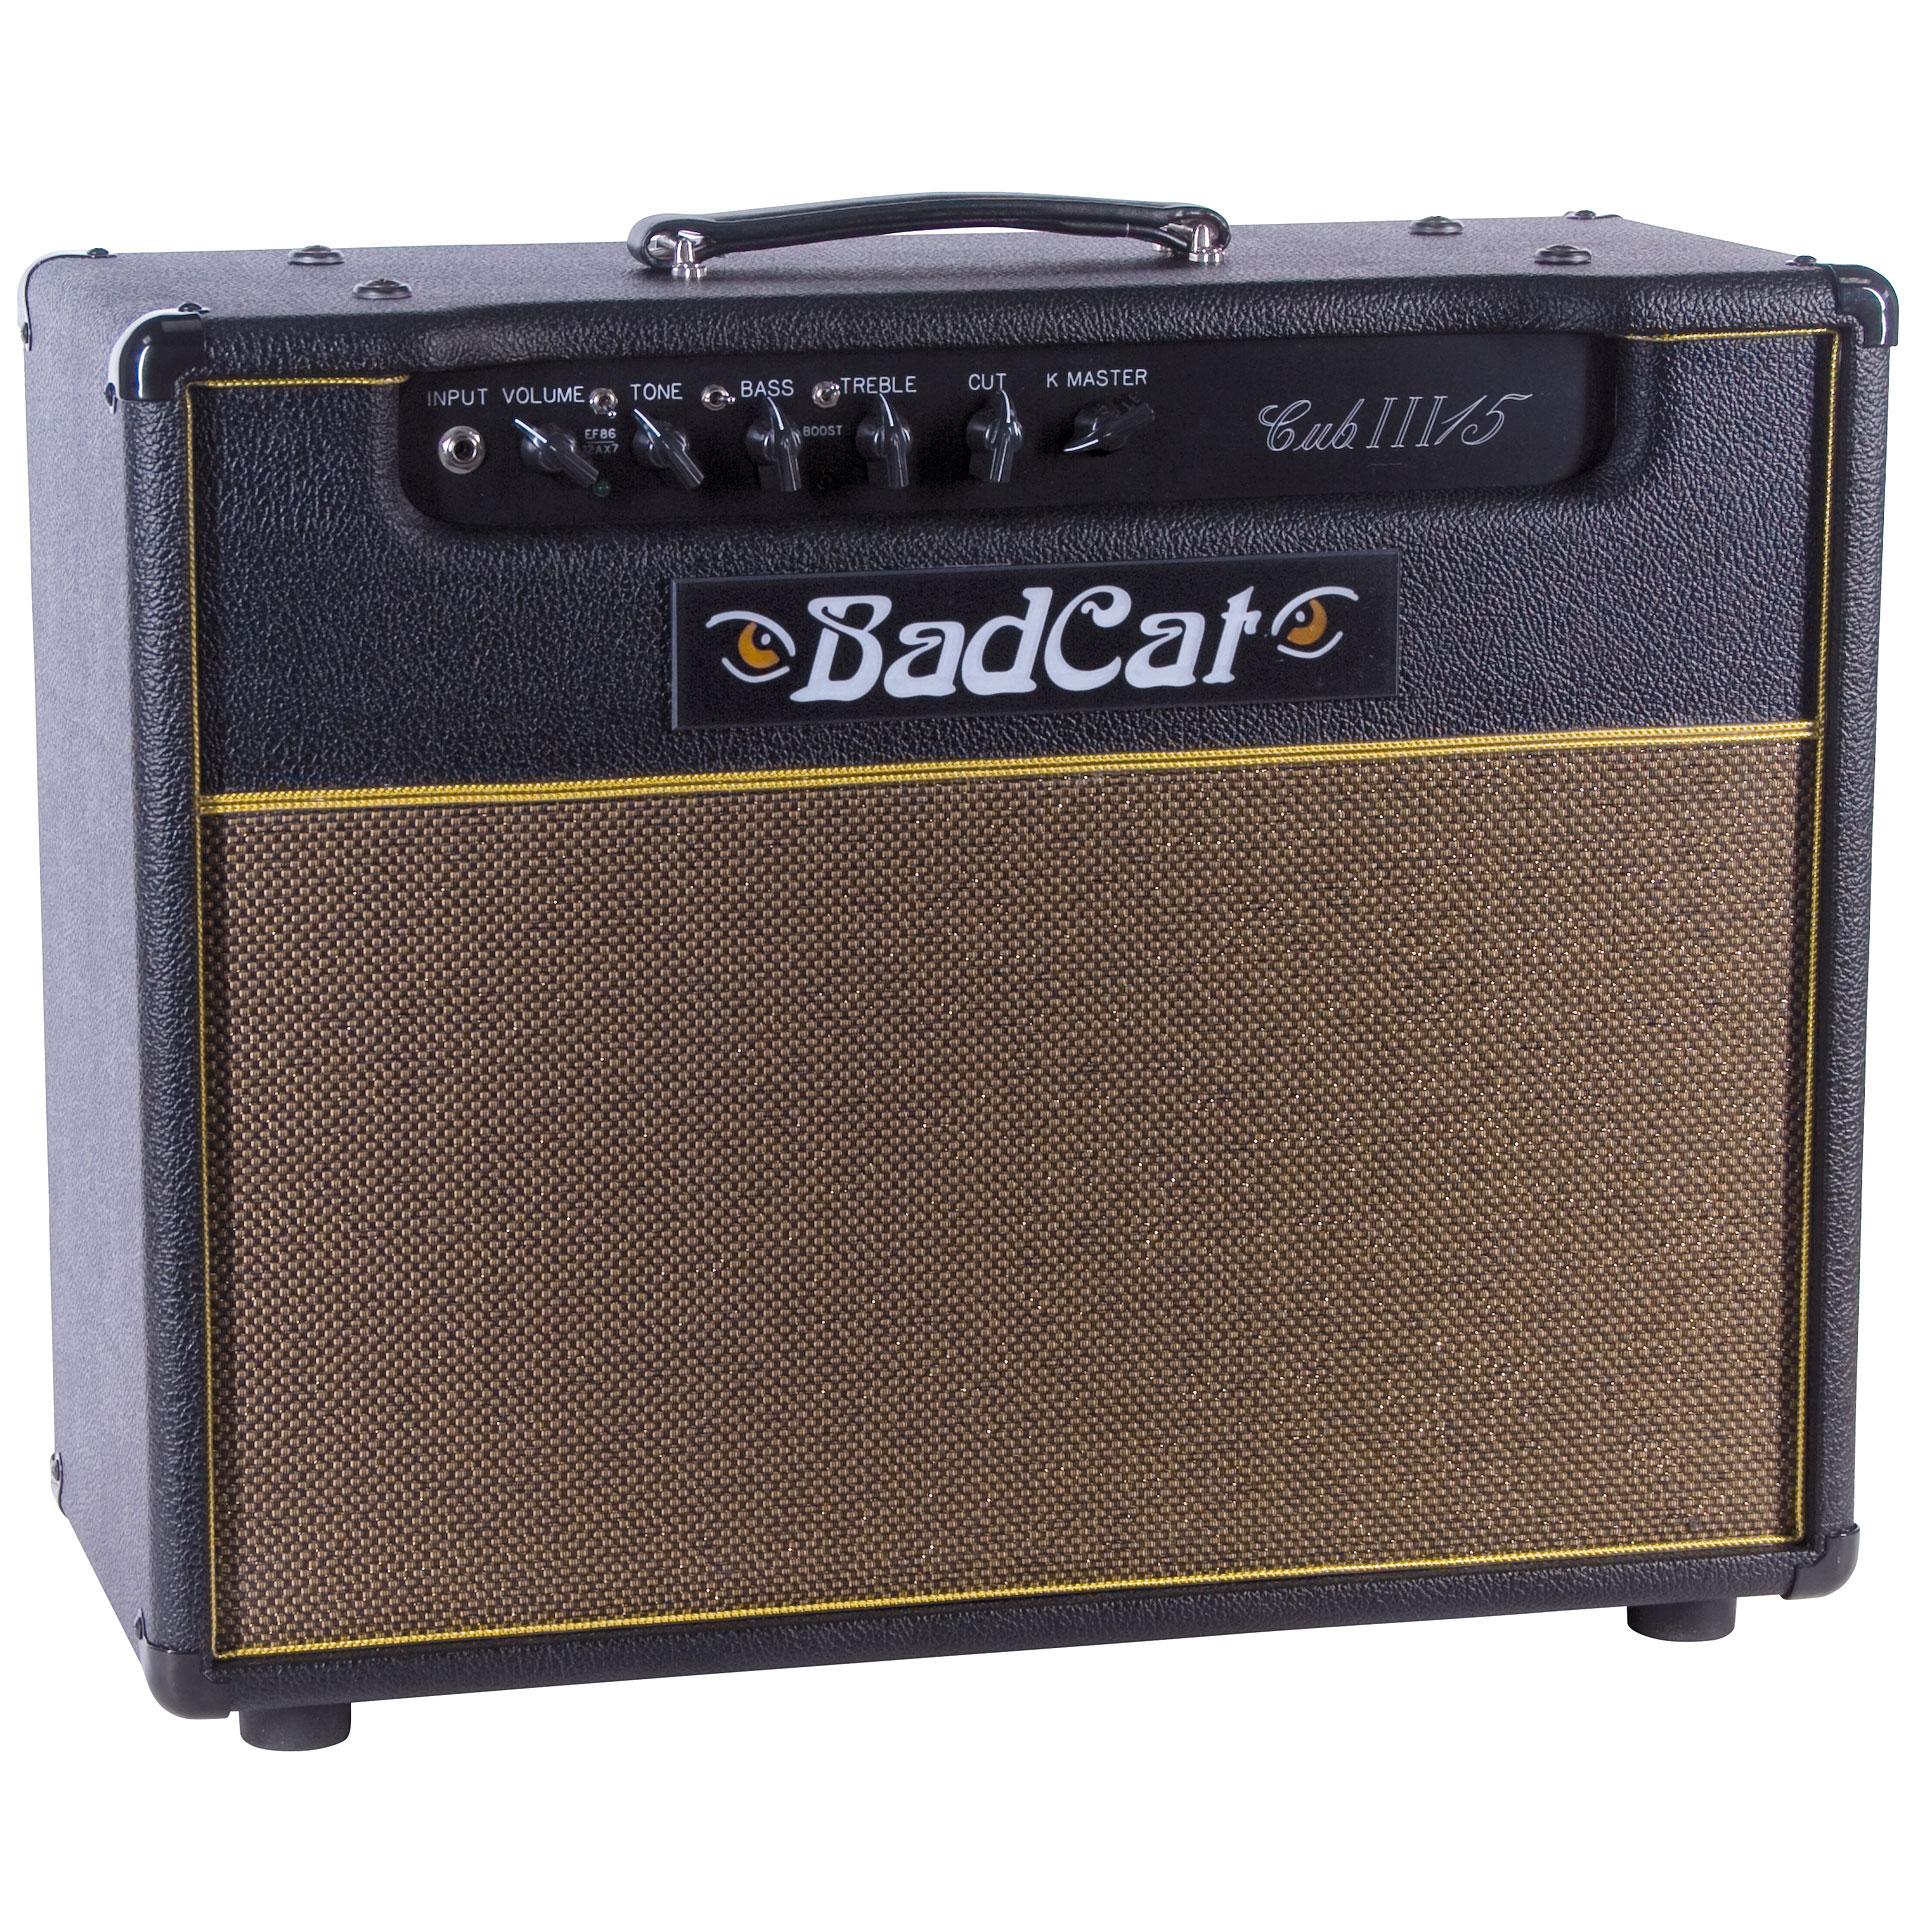 bad cat cub iii 15 guitar amp. Black Bedroom Furniture Sets. Home Design Ideas